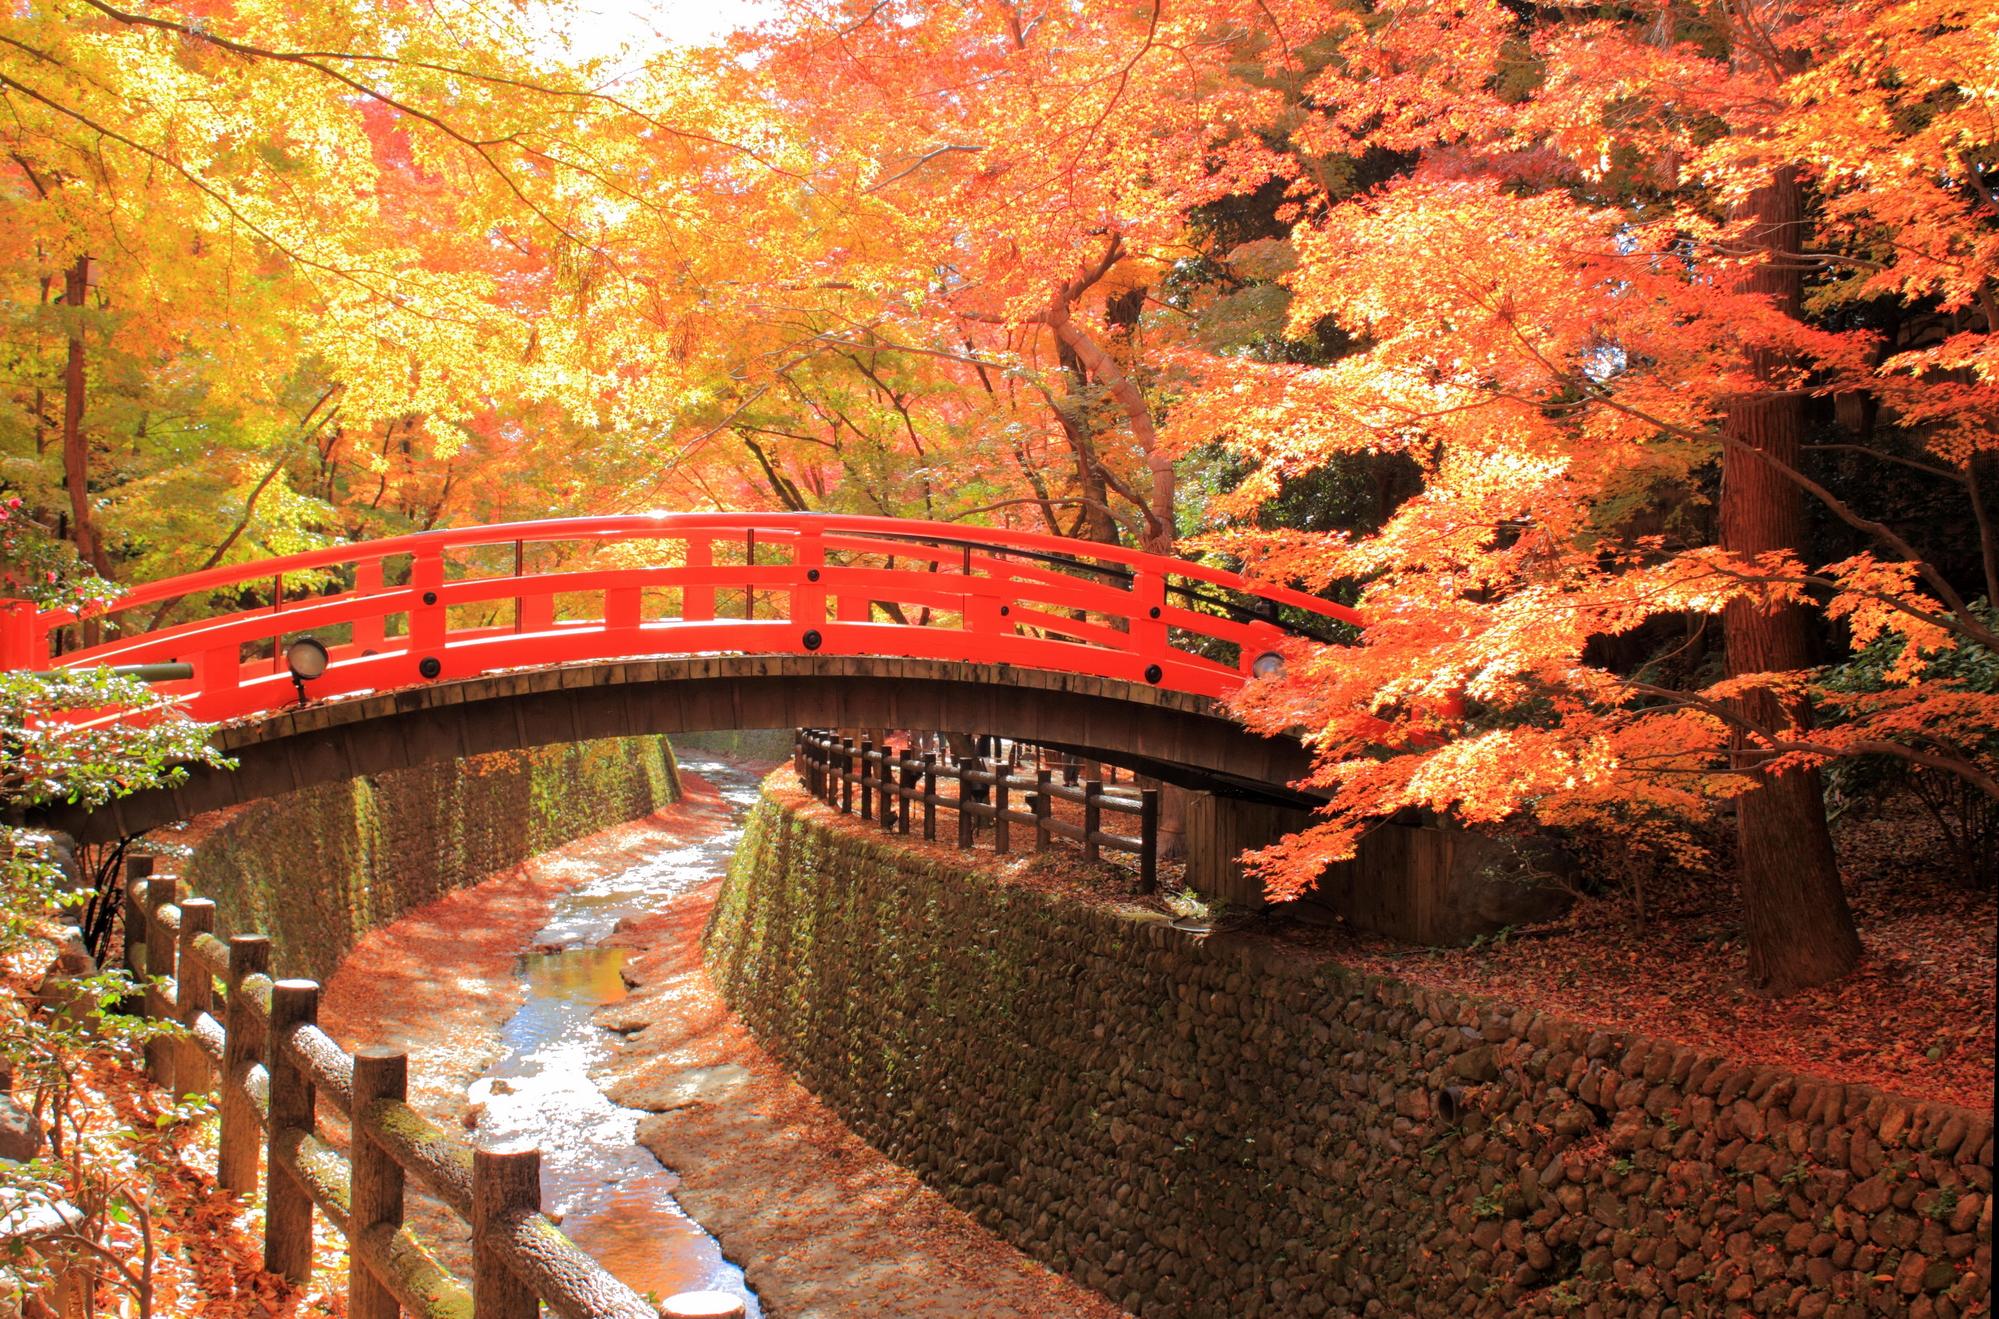 北野天満宮御土居の紅葉 京都ブライトンホテル提供